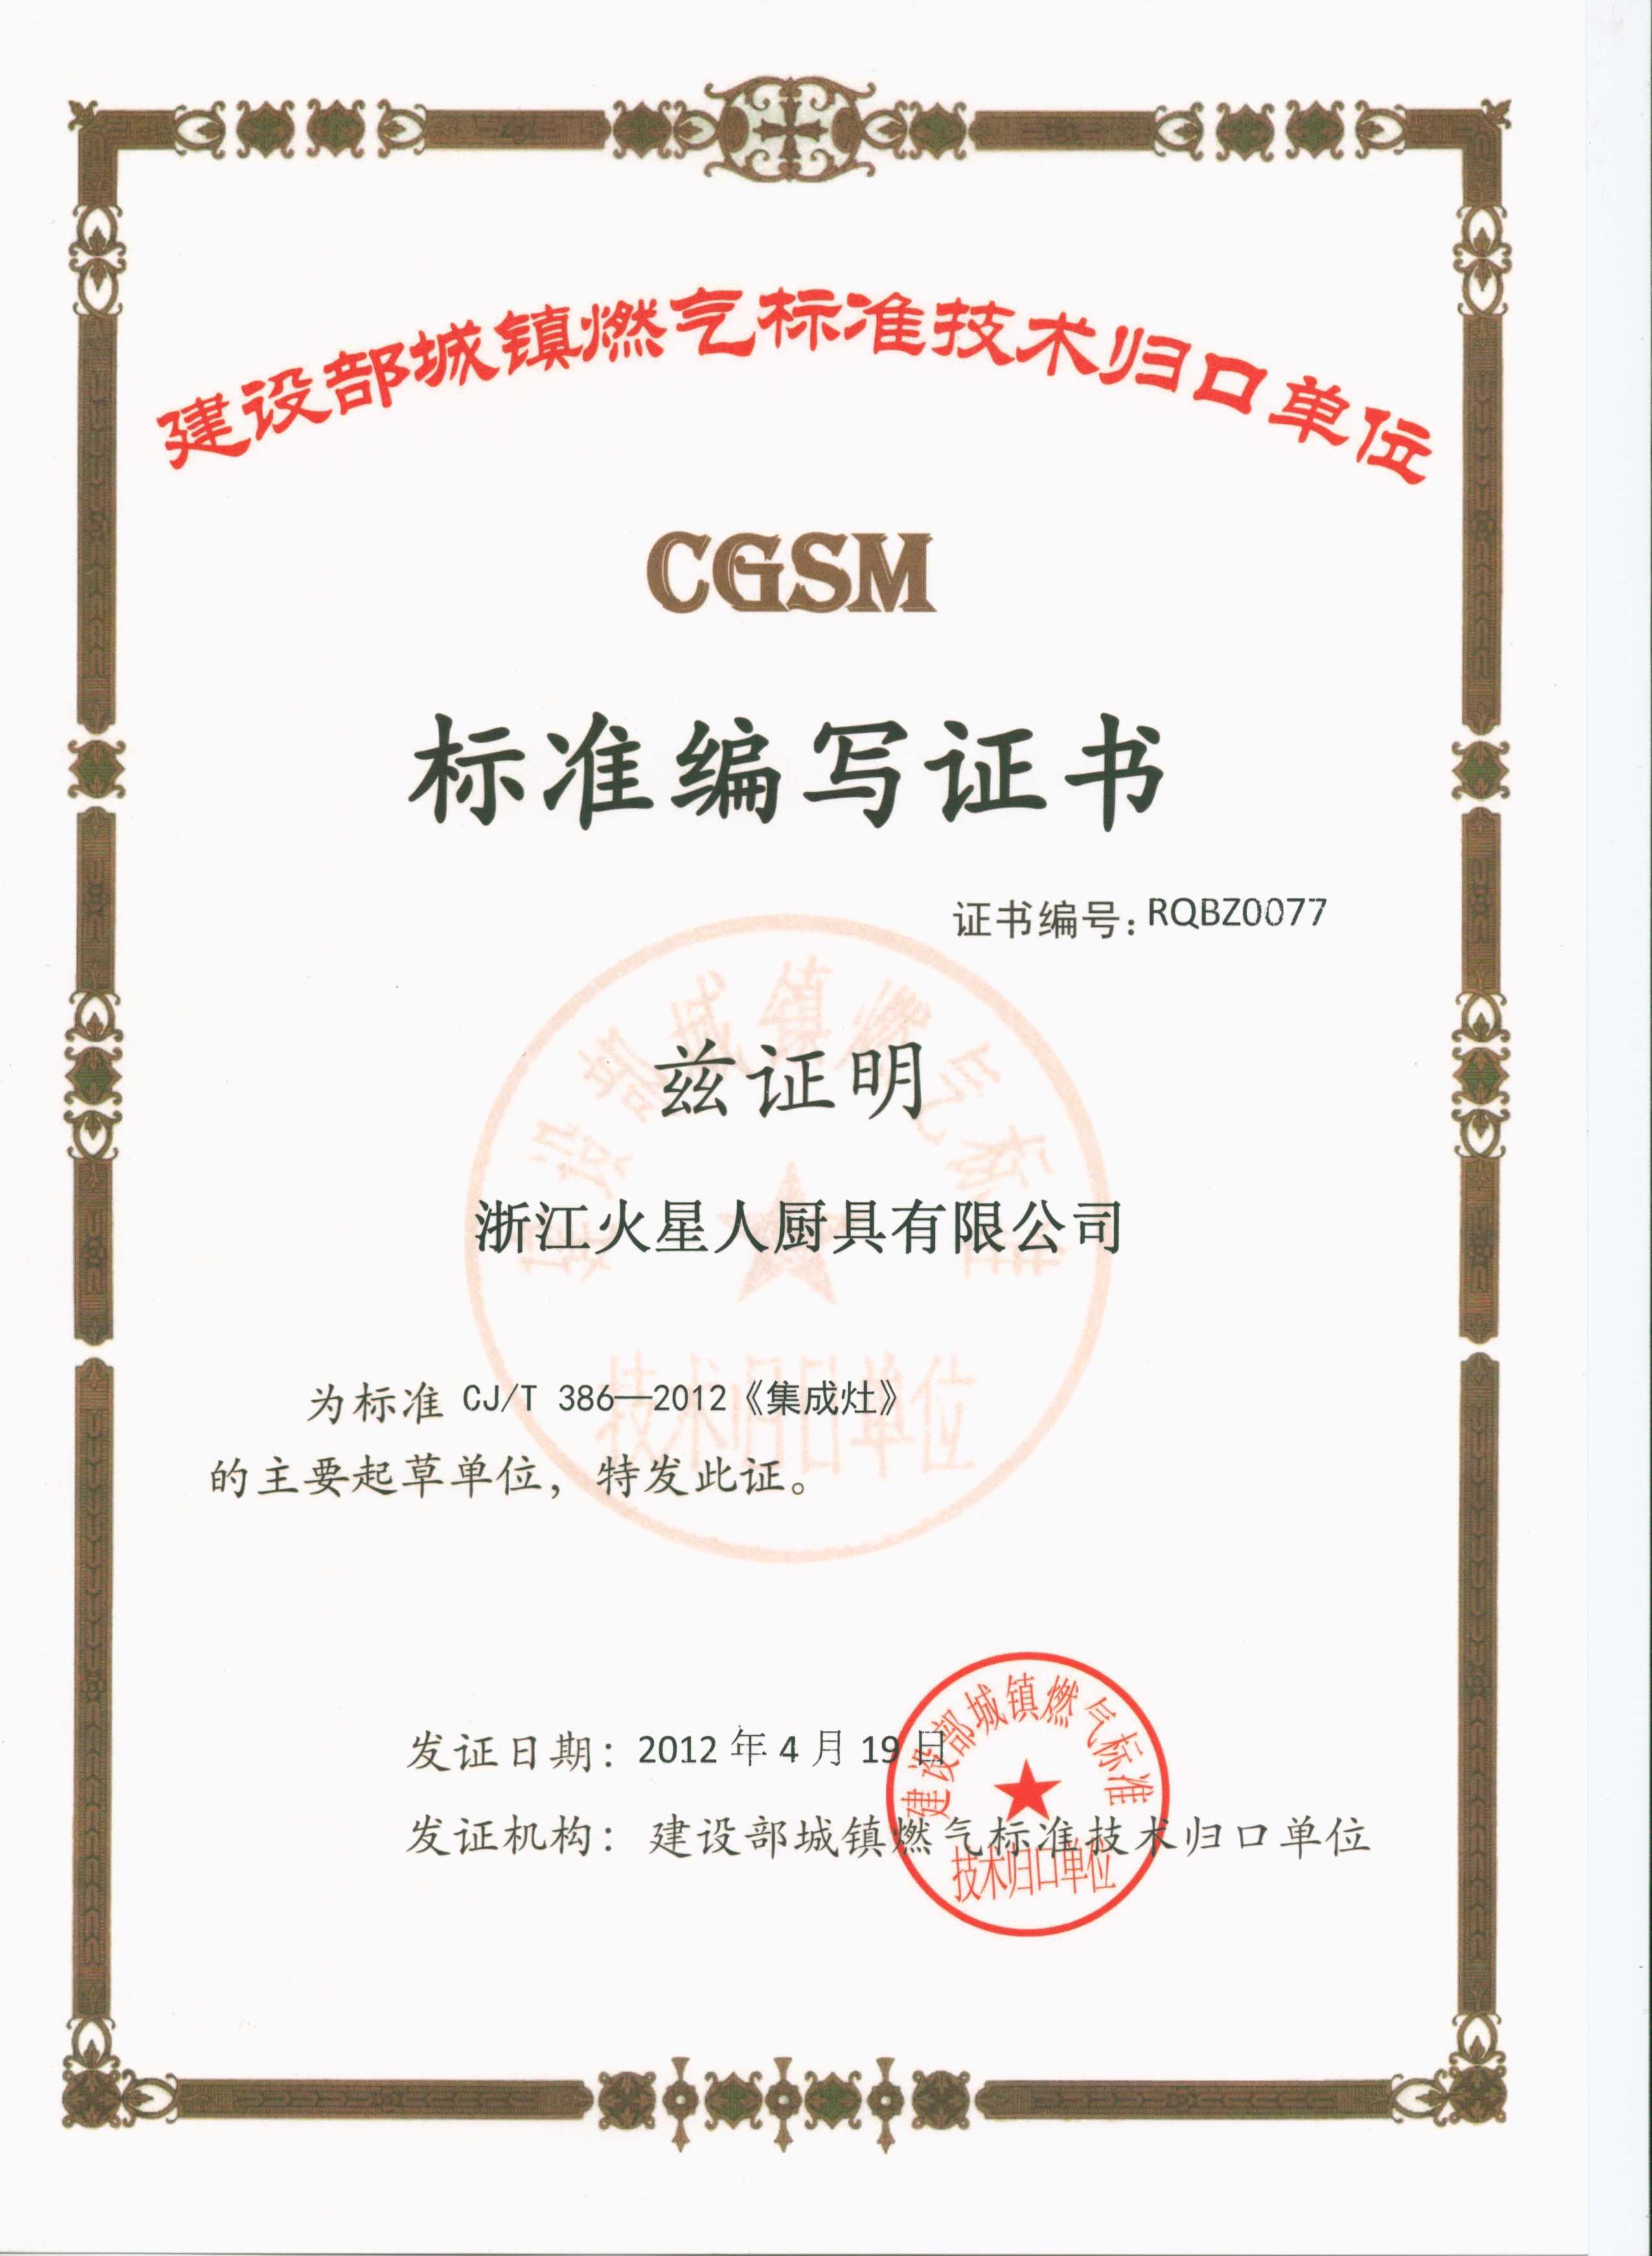 建设部城镇燃气标准技术归口单位标准编写证书